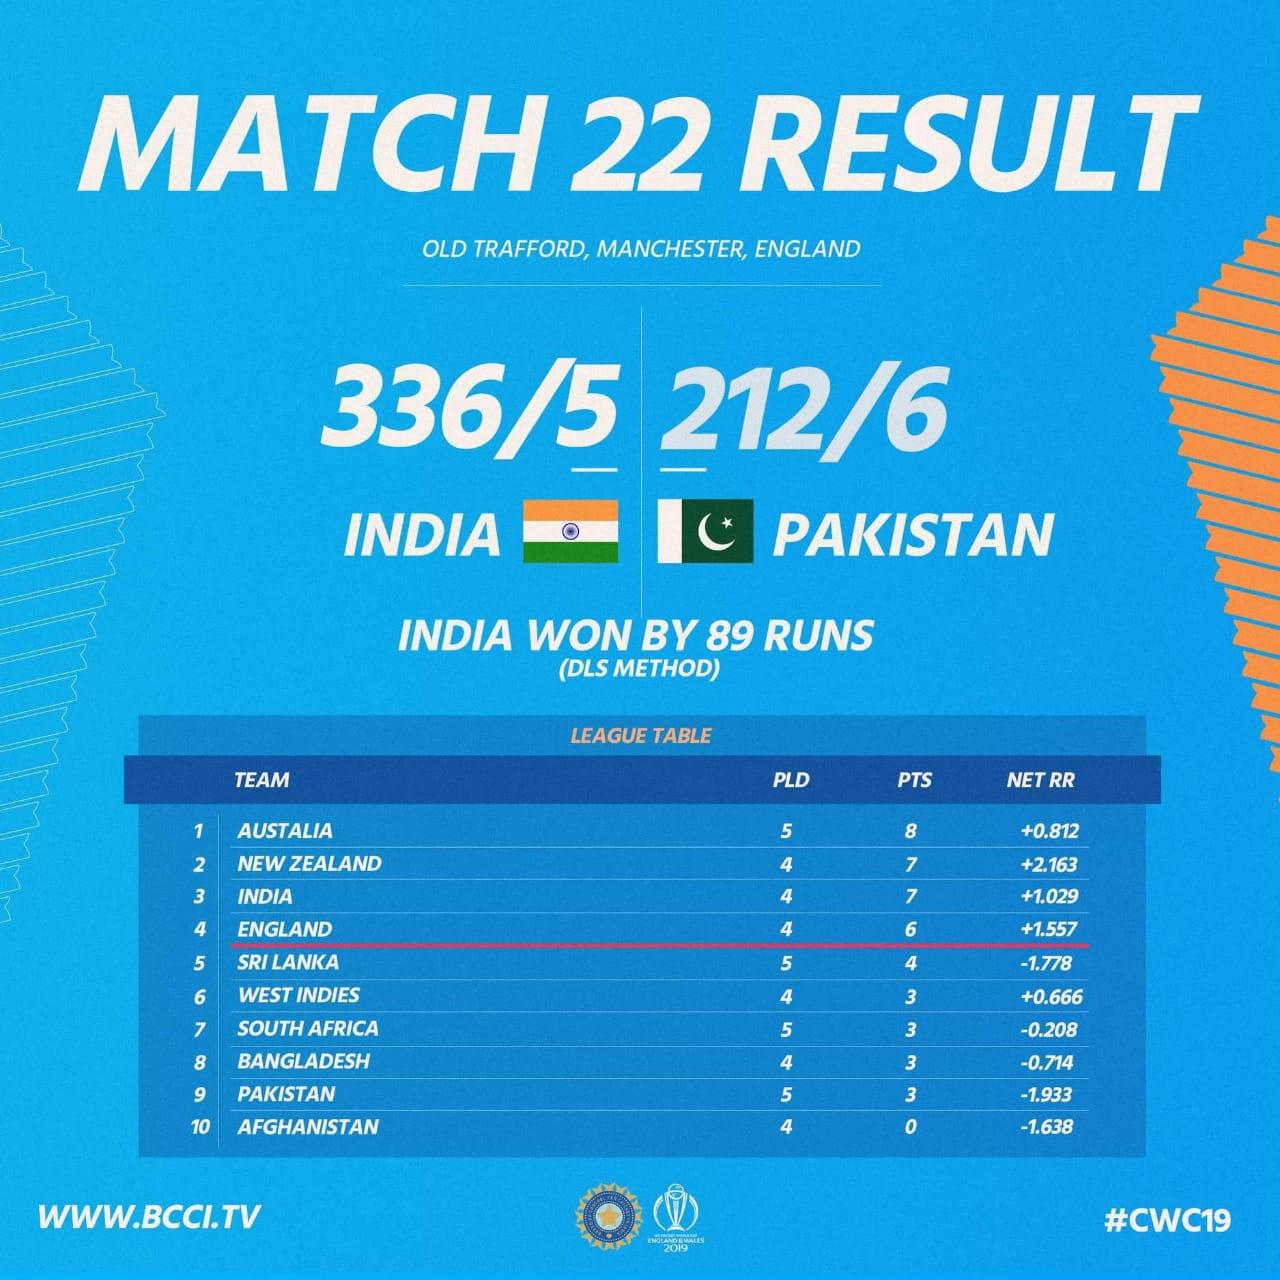 ডিএল মেথডে ৮৯ রানে জয়ী ভারত